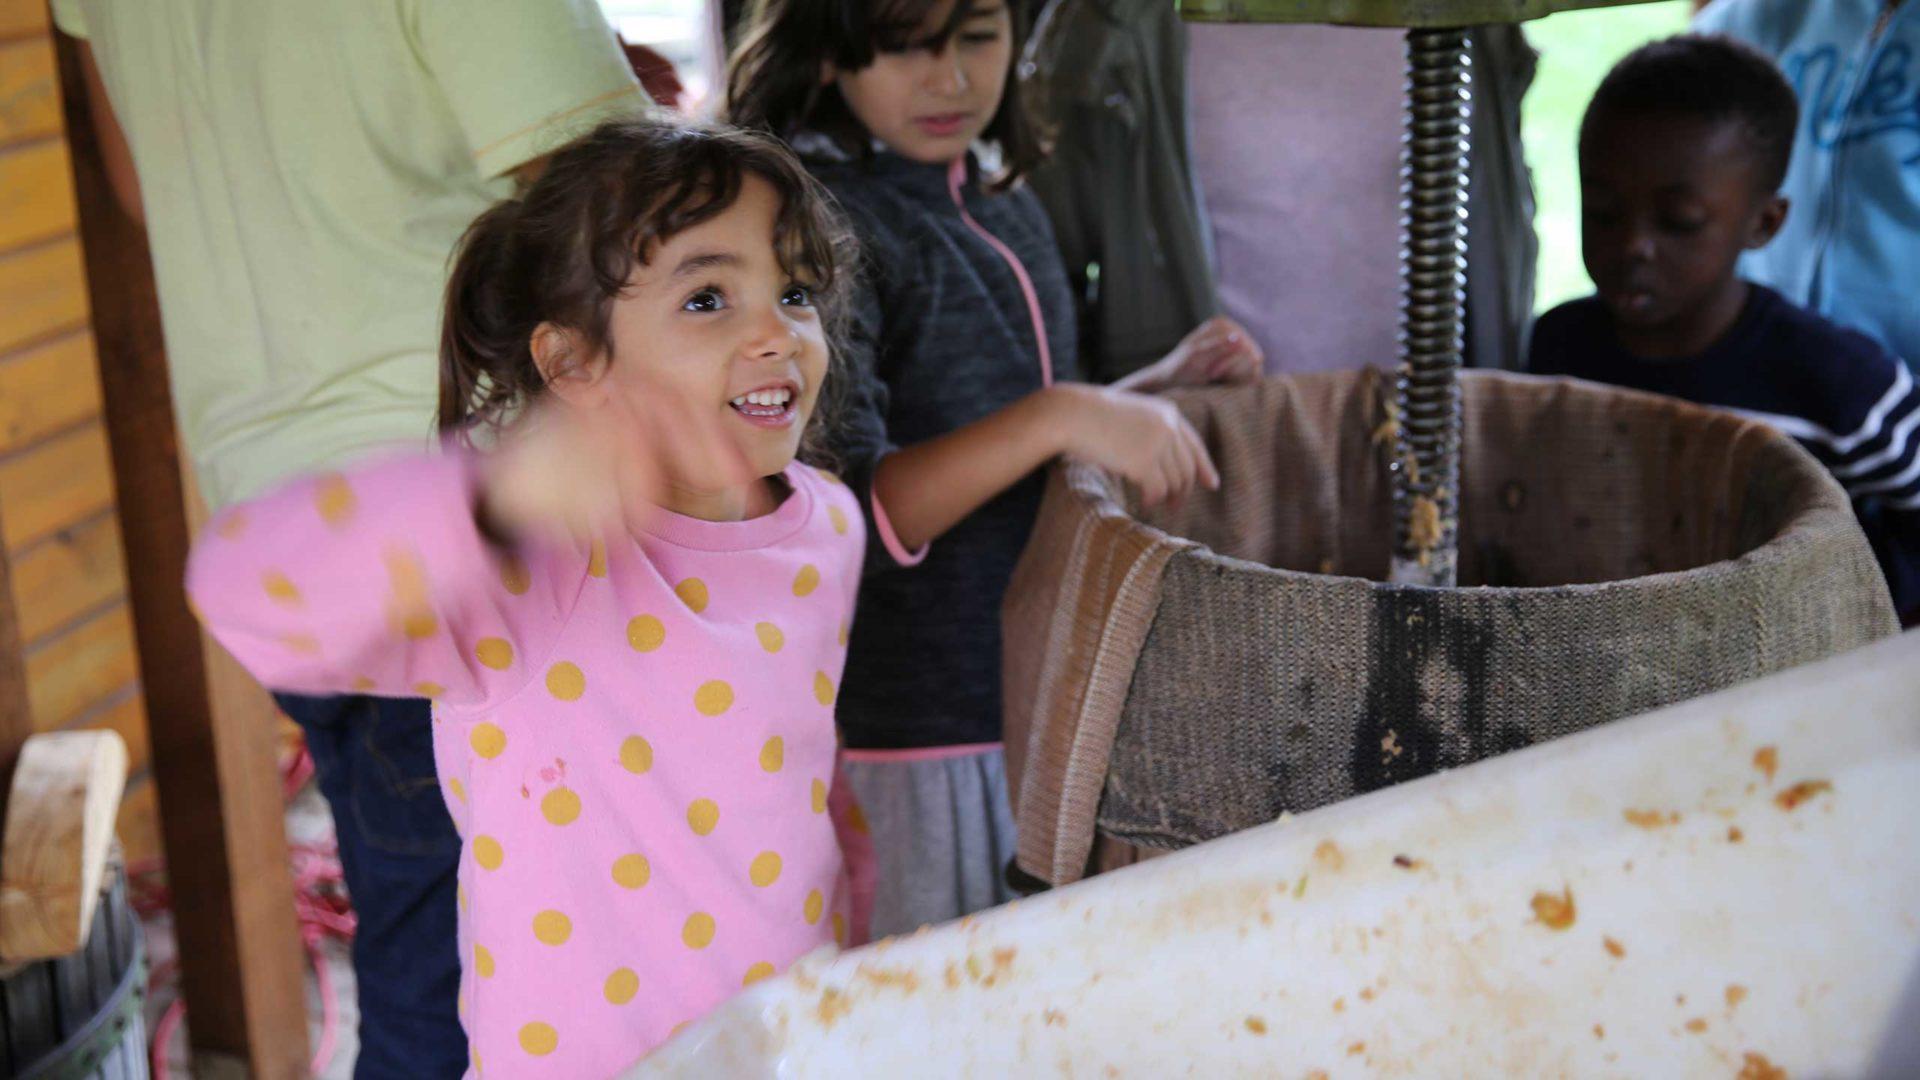 Alle Kinder beobachten gespannt, wie die Äpfel in der Presse gepresst werden.